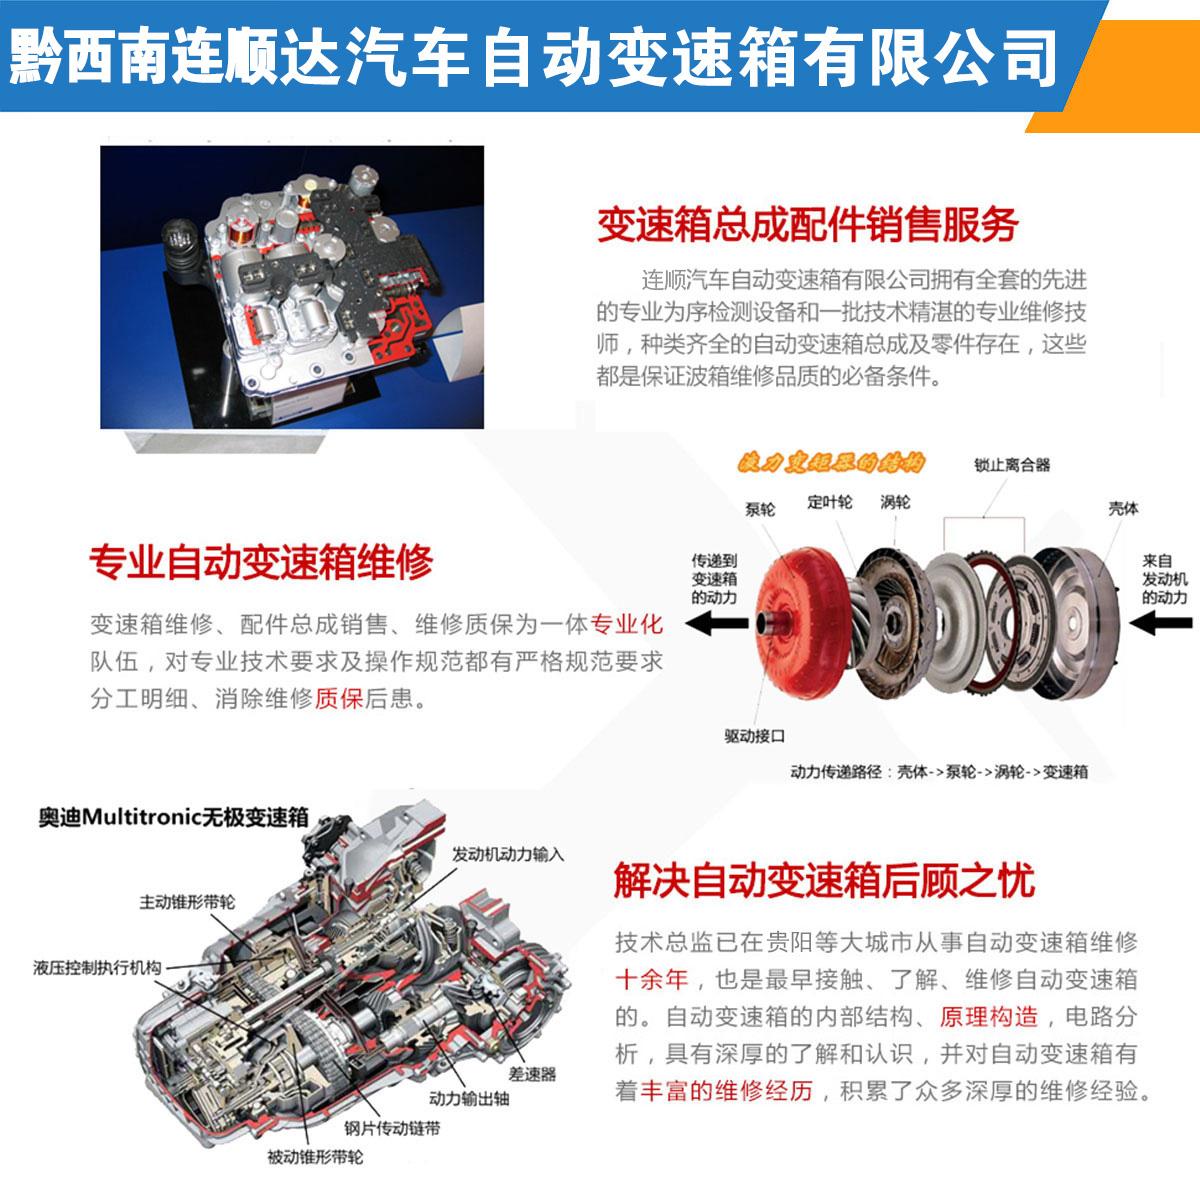 深圳一联自动变速箱维修